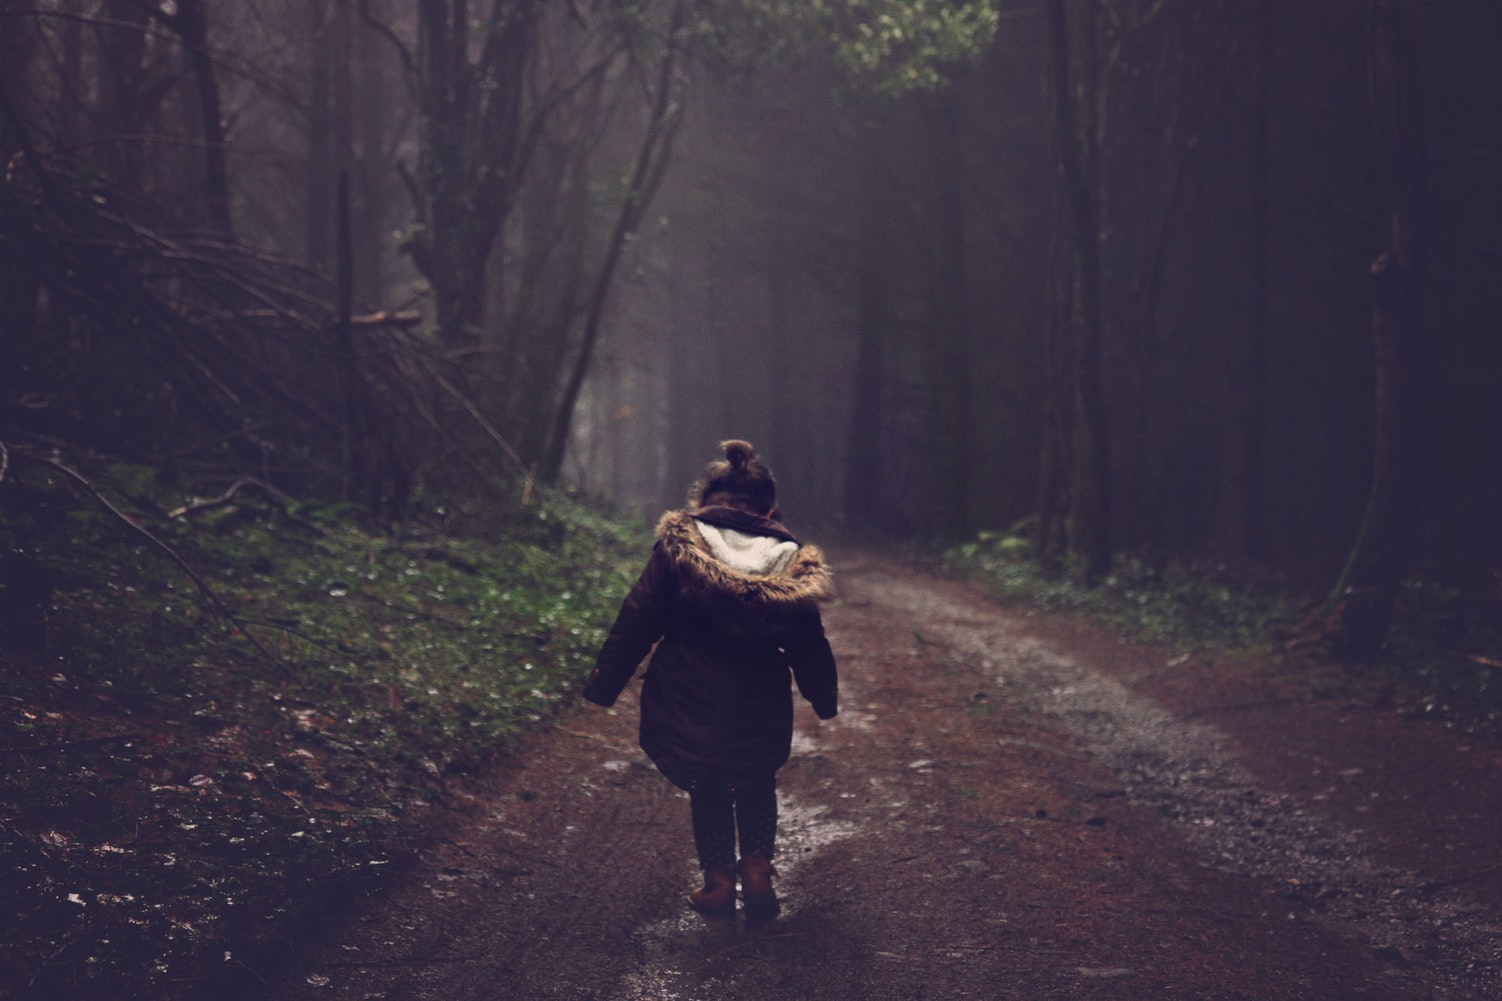 Tout savoir sur le comportement antisocial de l'enfant